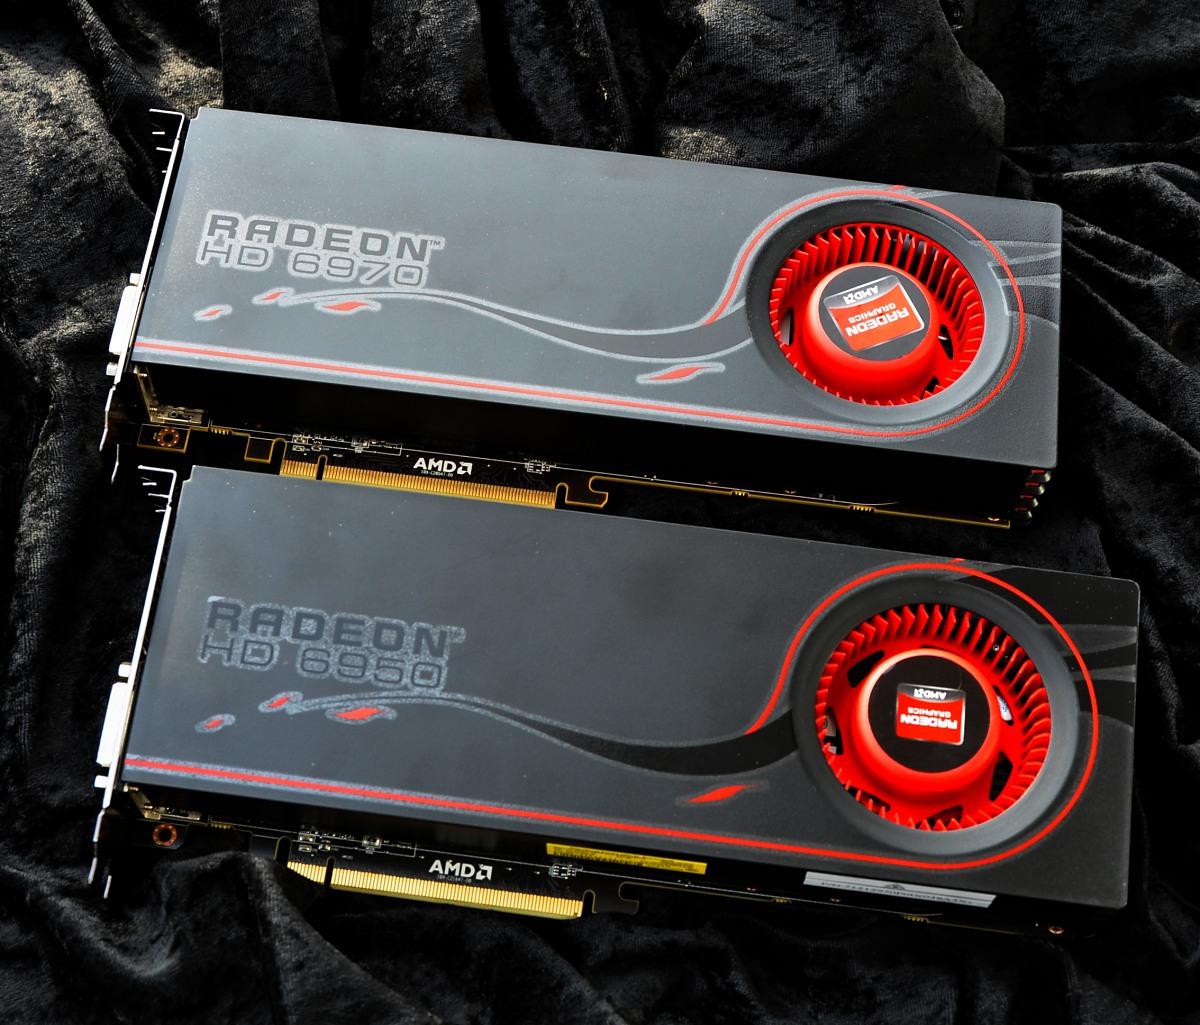 Radeon HD 6950 und 6970 im Test: AMDs schnellste GPU - knapp an der Spitze vorbei - Radeon HD 6970 und 6950